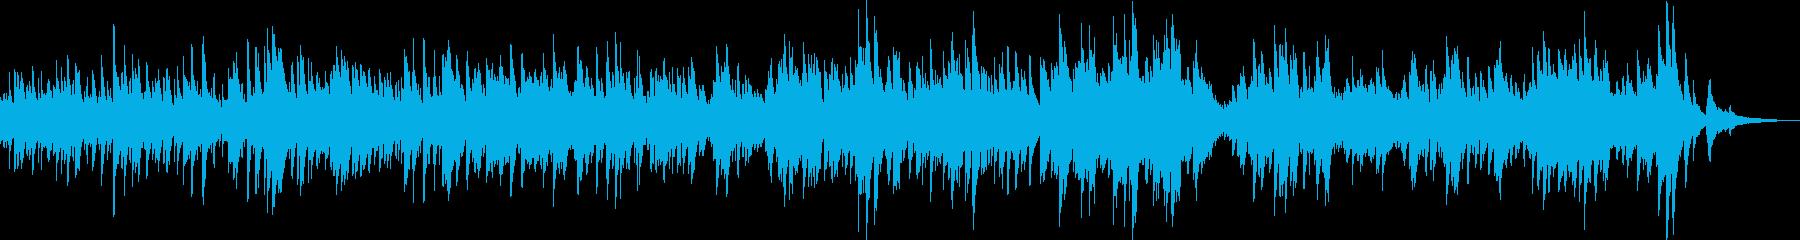 新生活の始まり(ピアノ・BGM・爽やか)の再生済みの波形